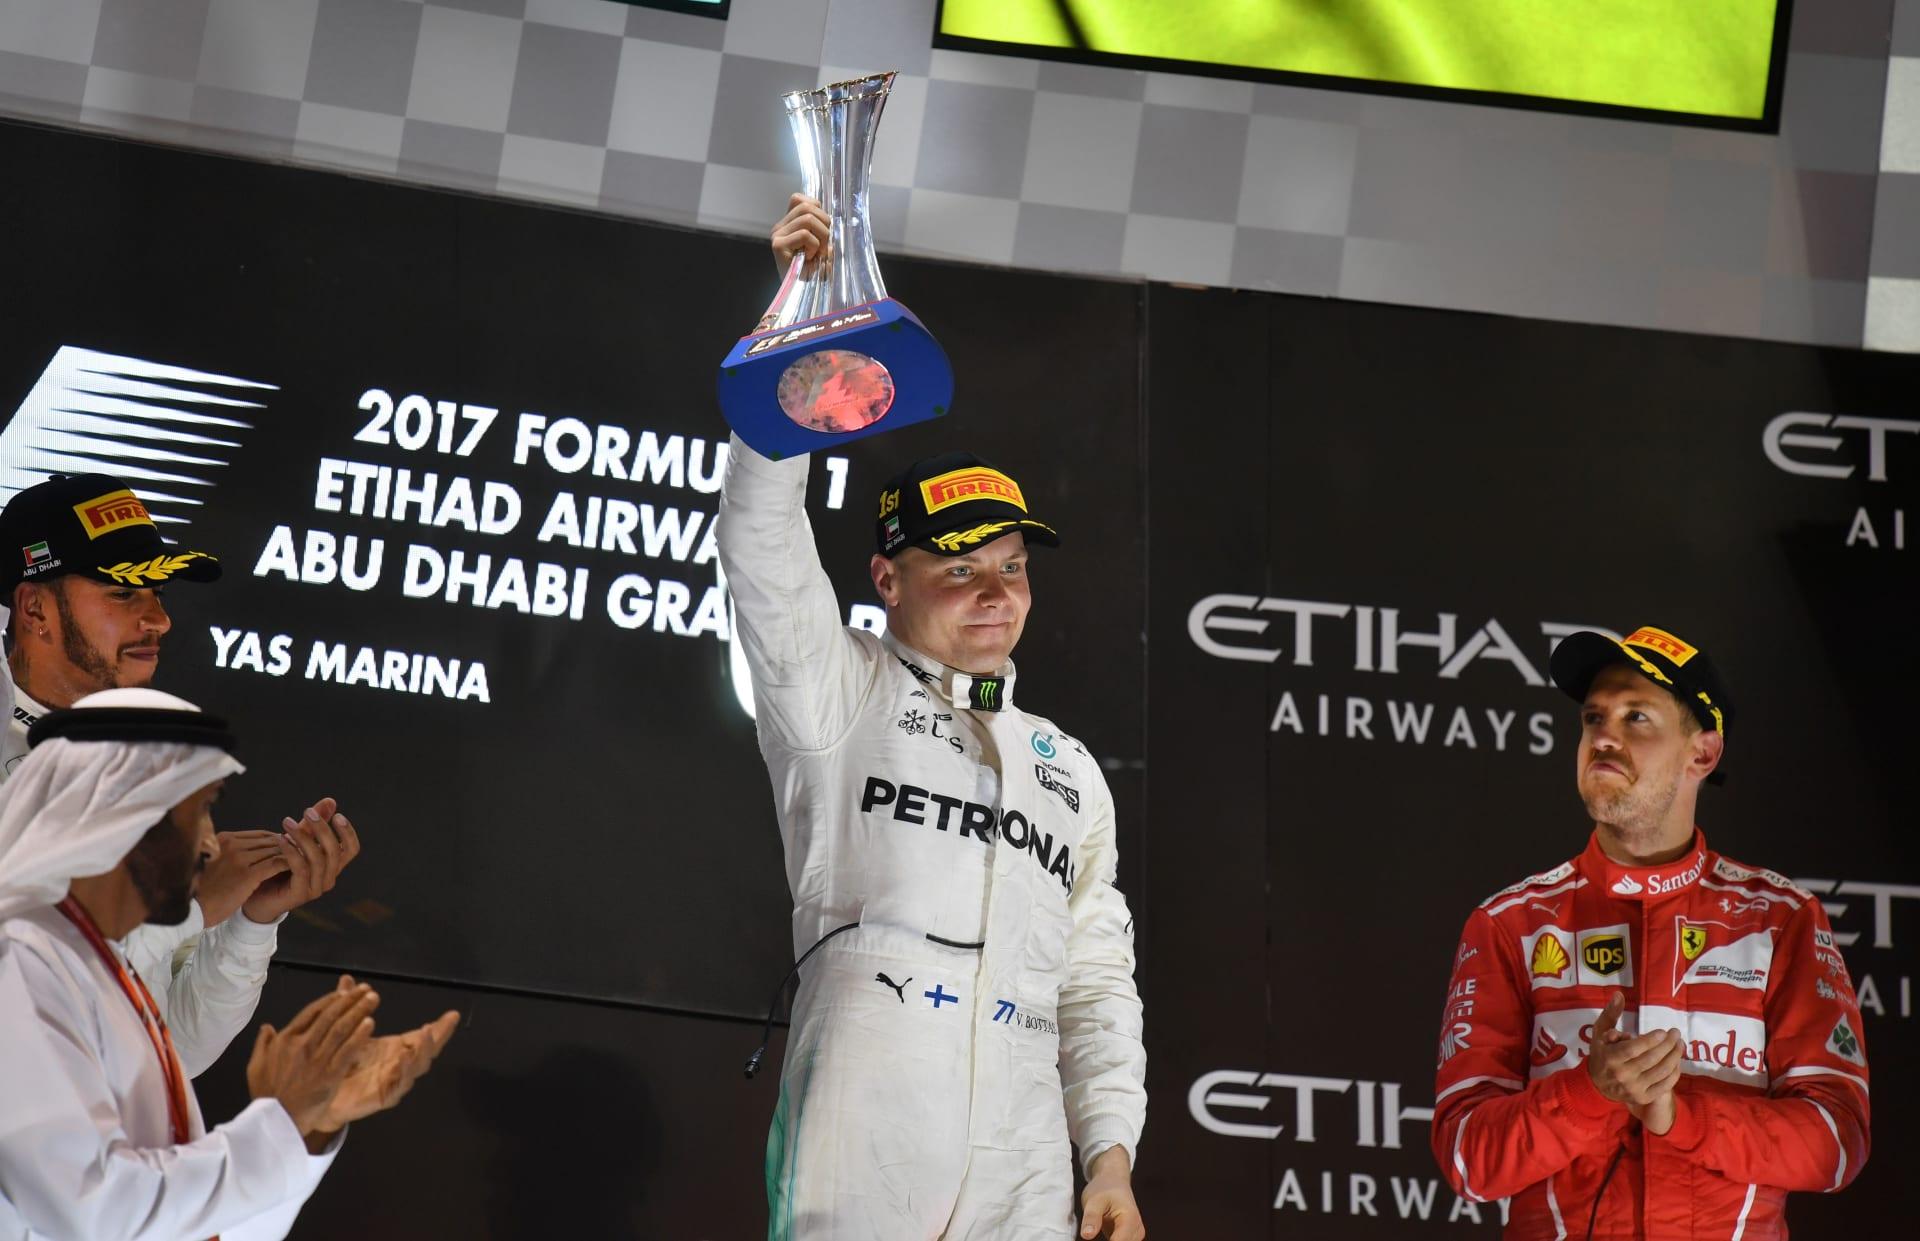 الفنلندي بوتاس يفوز بسباق أبوظبي ويفشل في خطف المركز الثاني في الترتيب العام